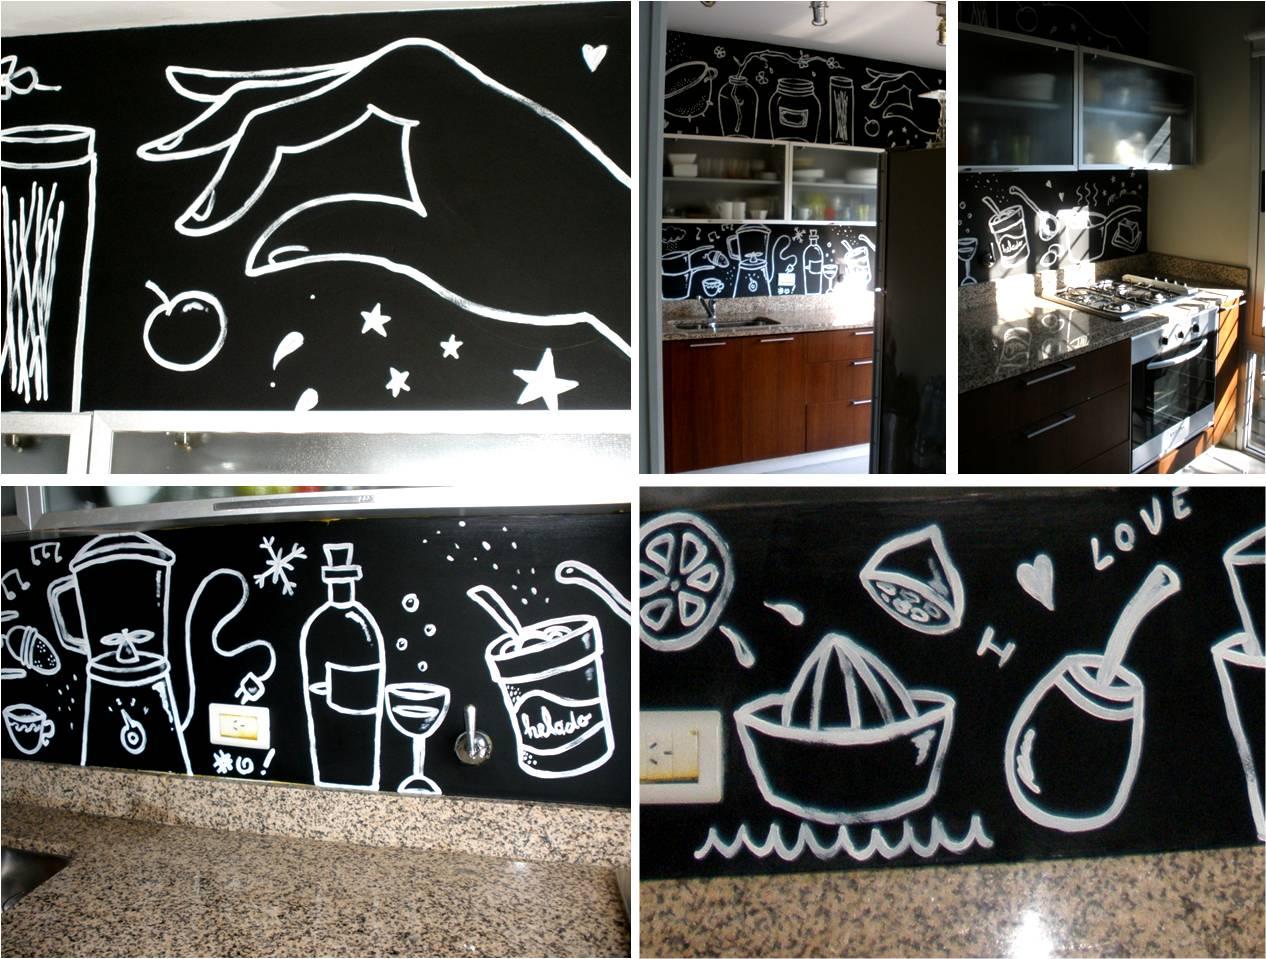 Estudio dulce cattaneo dise o de interiores murales for Murales diseno de interiores